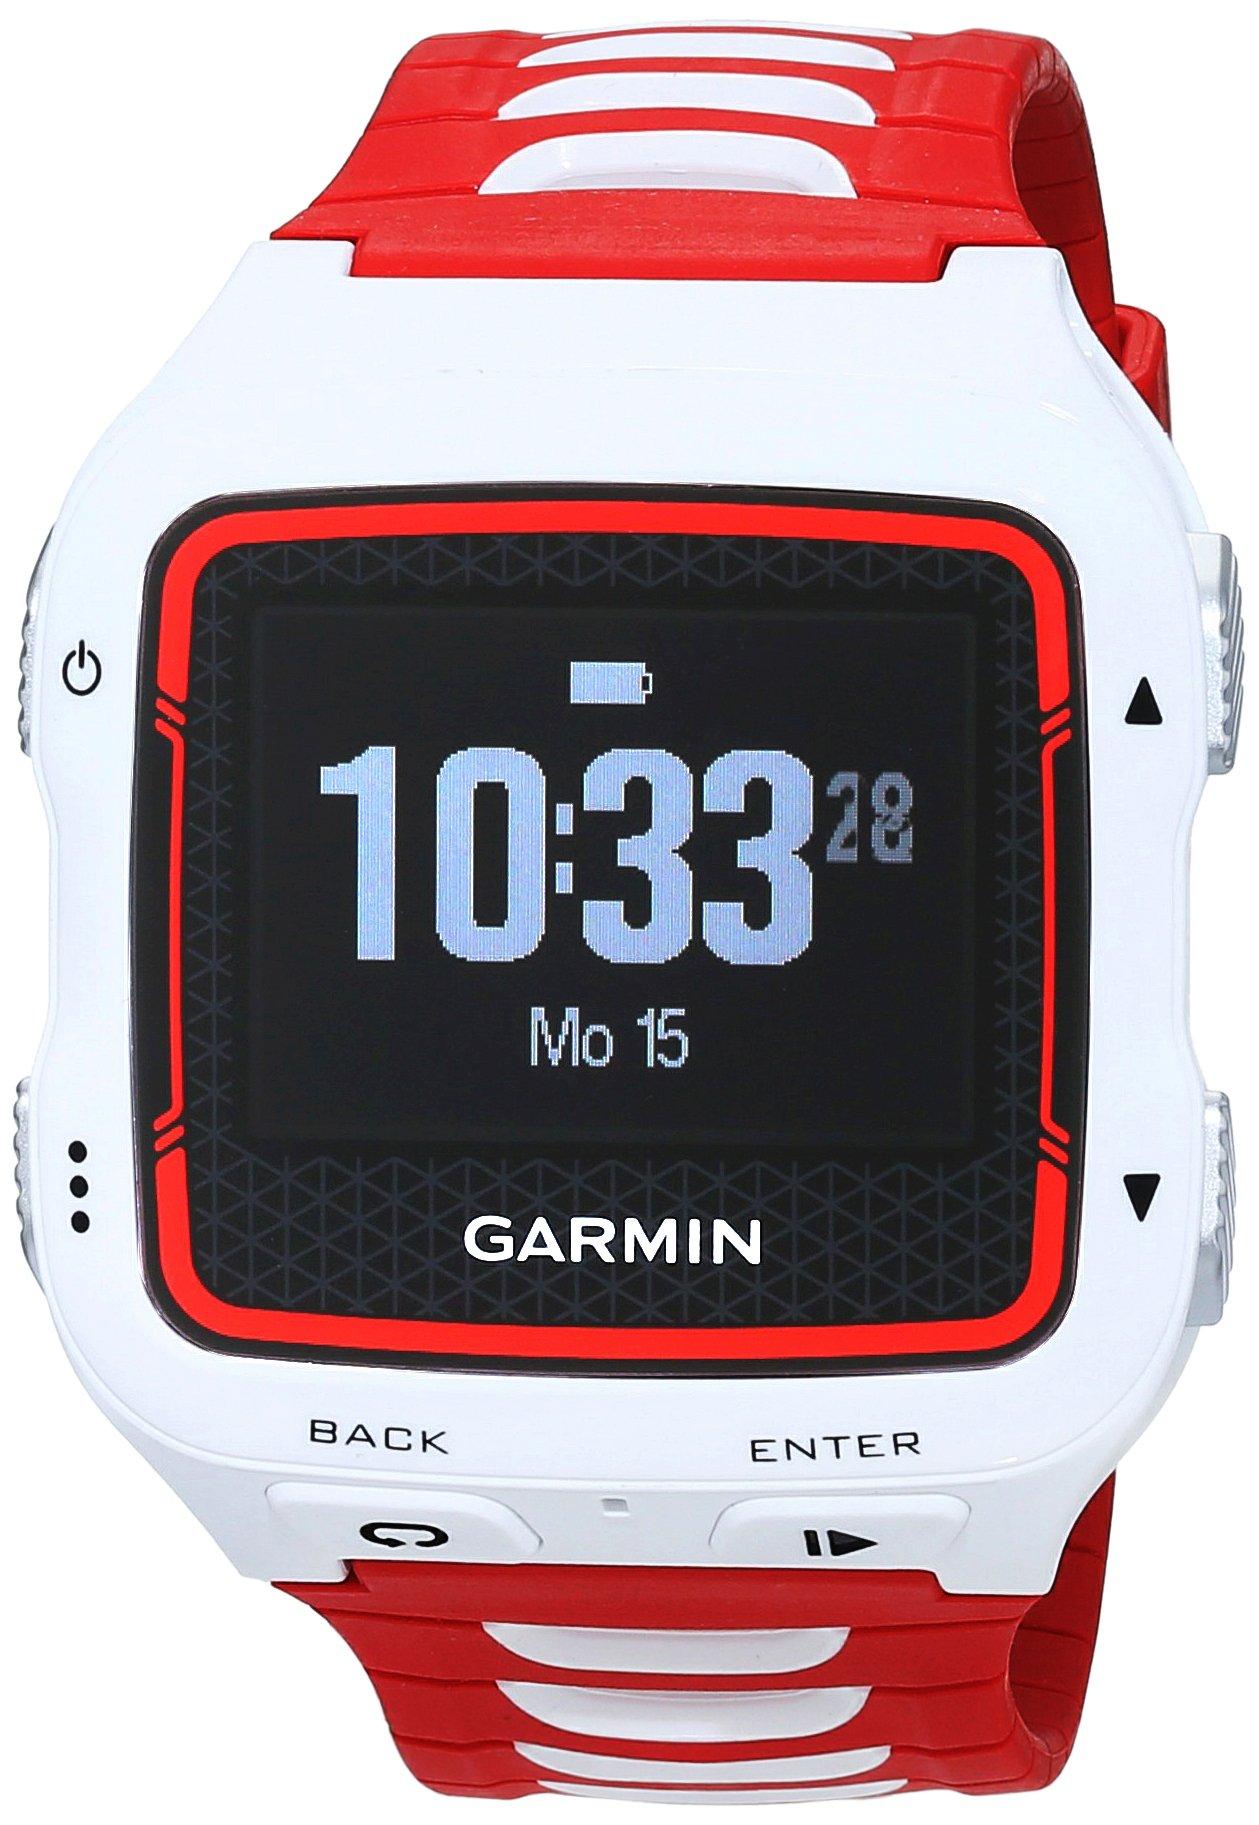 Garmin-Forerunner-920XT-Multisport-GPS-Uhr-Schwimm-Rad-Laufeffizienzwerte-inkl-Herzfrequenz-Brustgurt